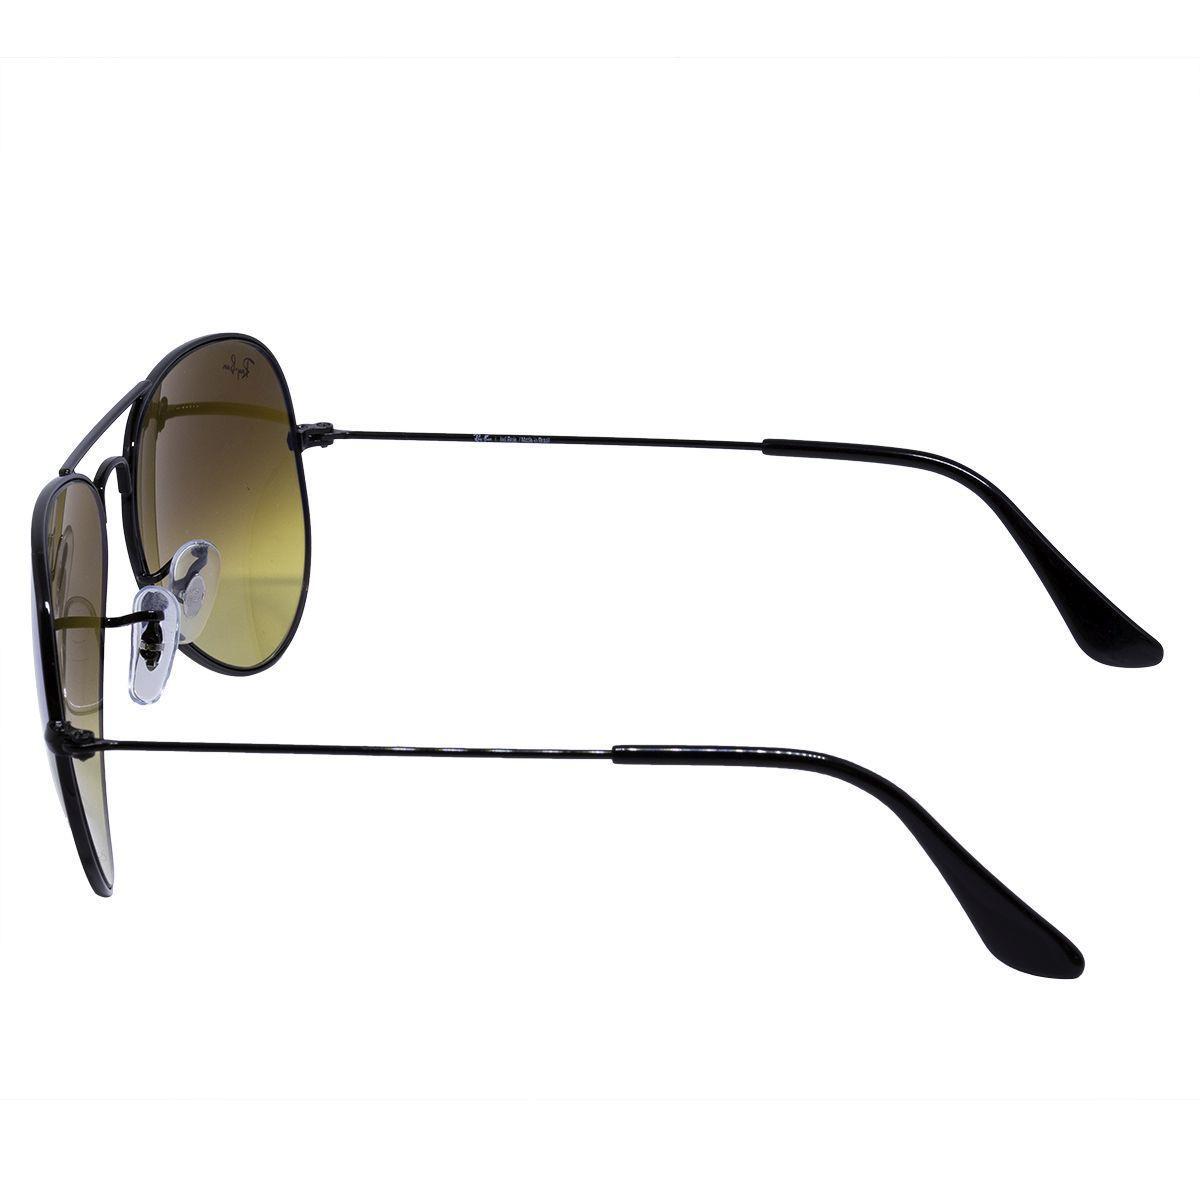 af88d29835ae1 Óculos de Sol Ray Ban Aviador Shiny Black RB3025L - Metal Preto, Lente Azul  Degradê Espelhada R  578,00 à vista. Adicionar à sacola